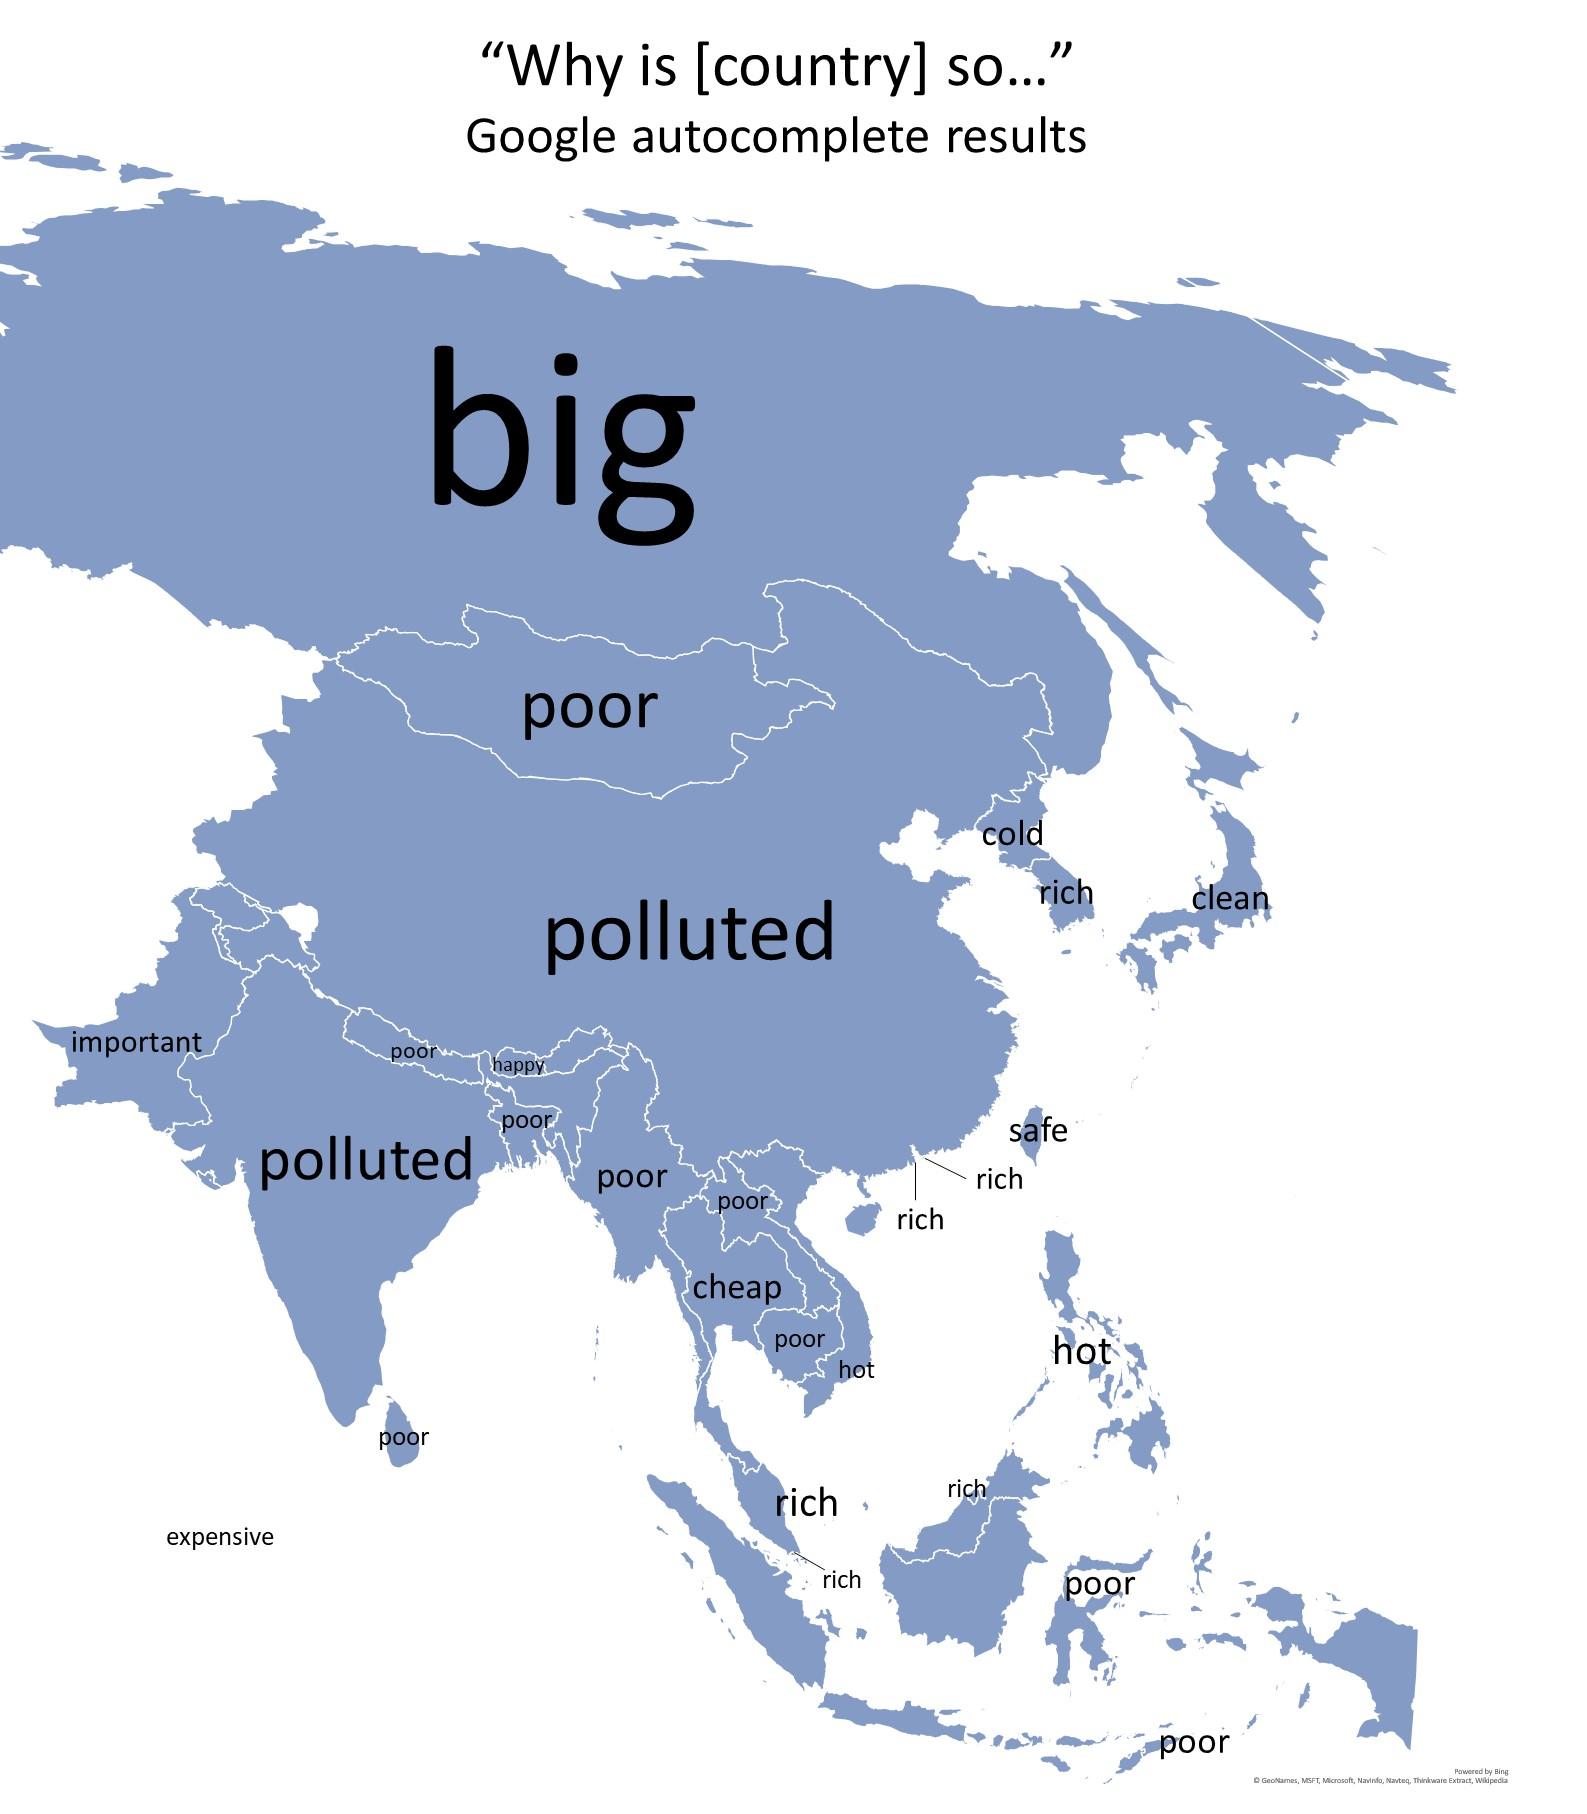 278e777ffe86 英語圏の人がどうしても知りたい各国のキーワードが分かるアジアマップ   naglly.com